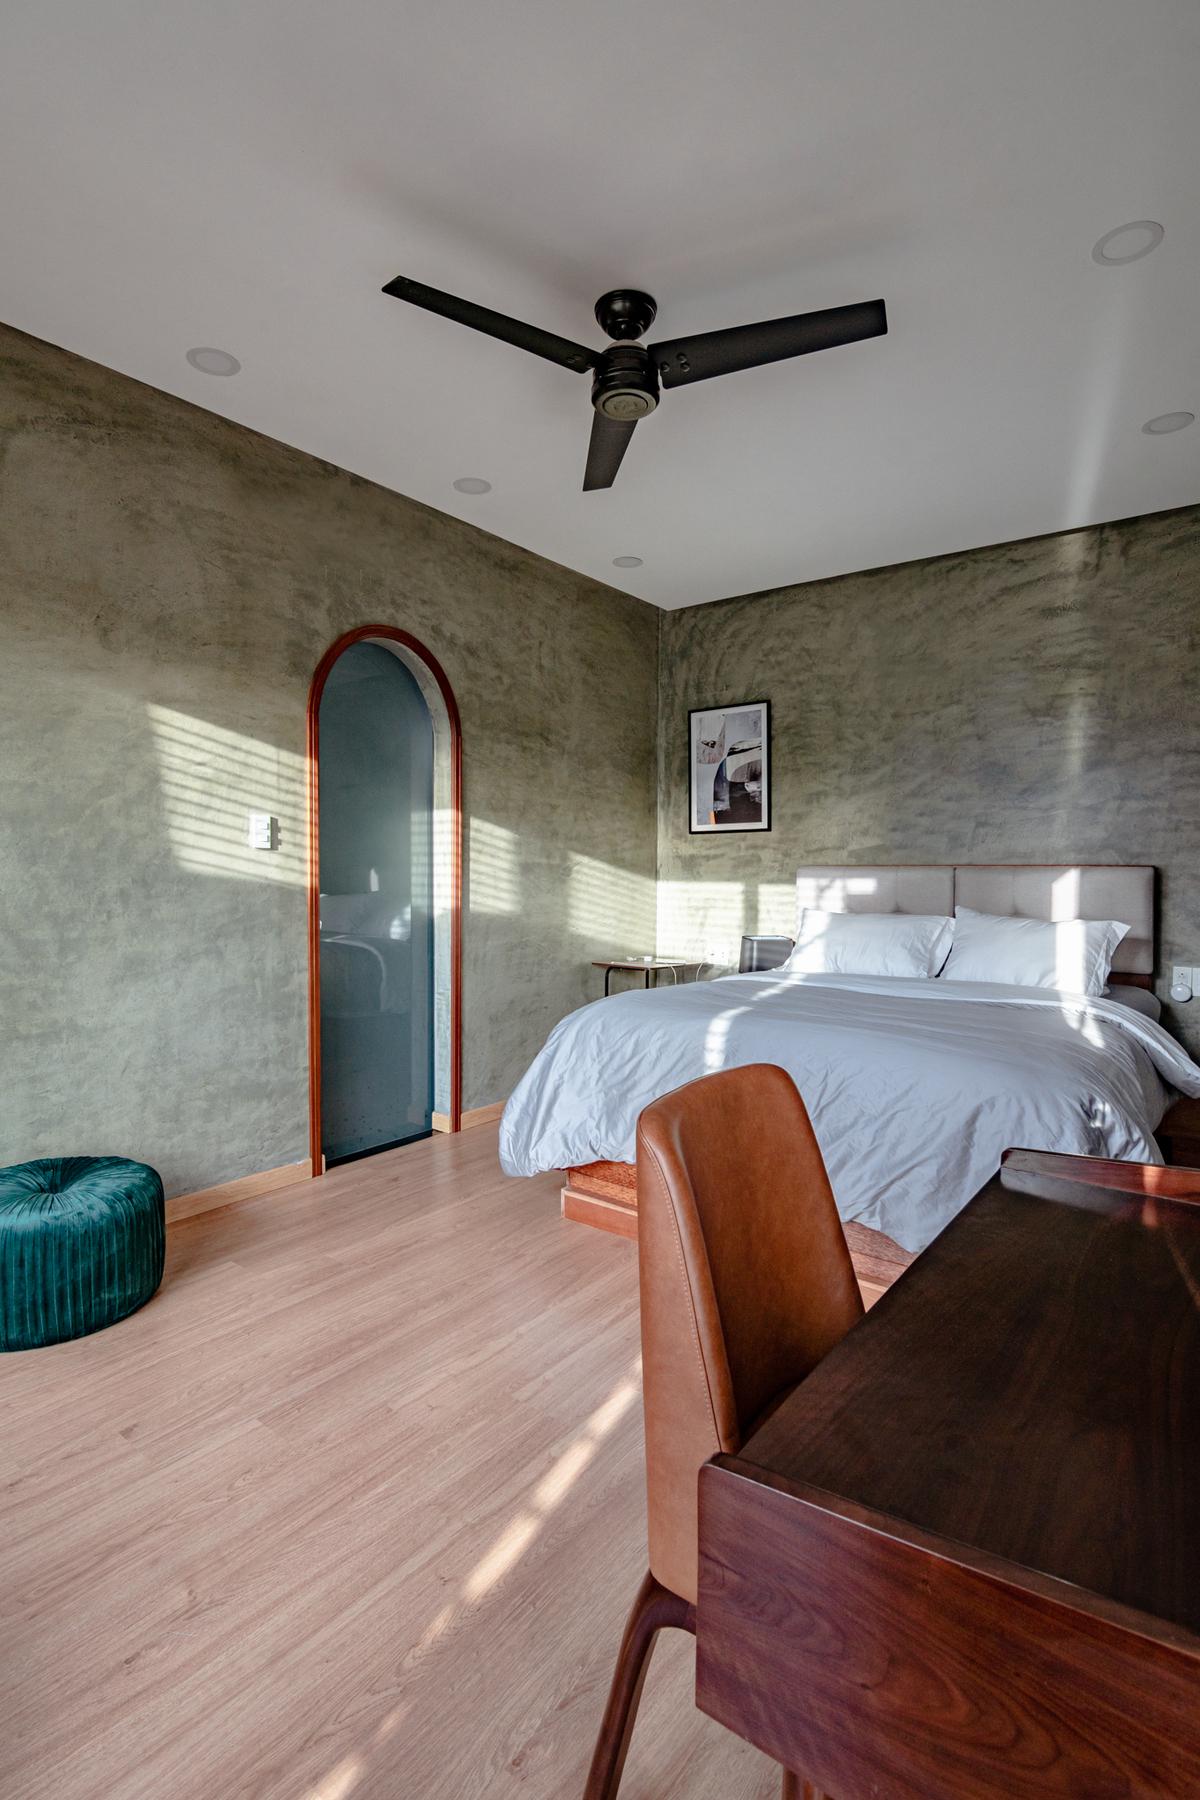 2 9 1 - Nhà Nam Hồ - công trình hòa quyện nét đẹp truyền thống và hiện đại   RYO Group